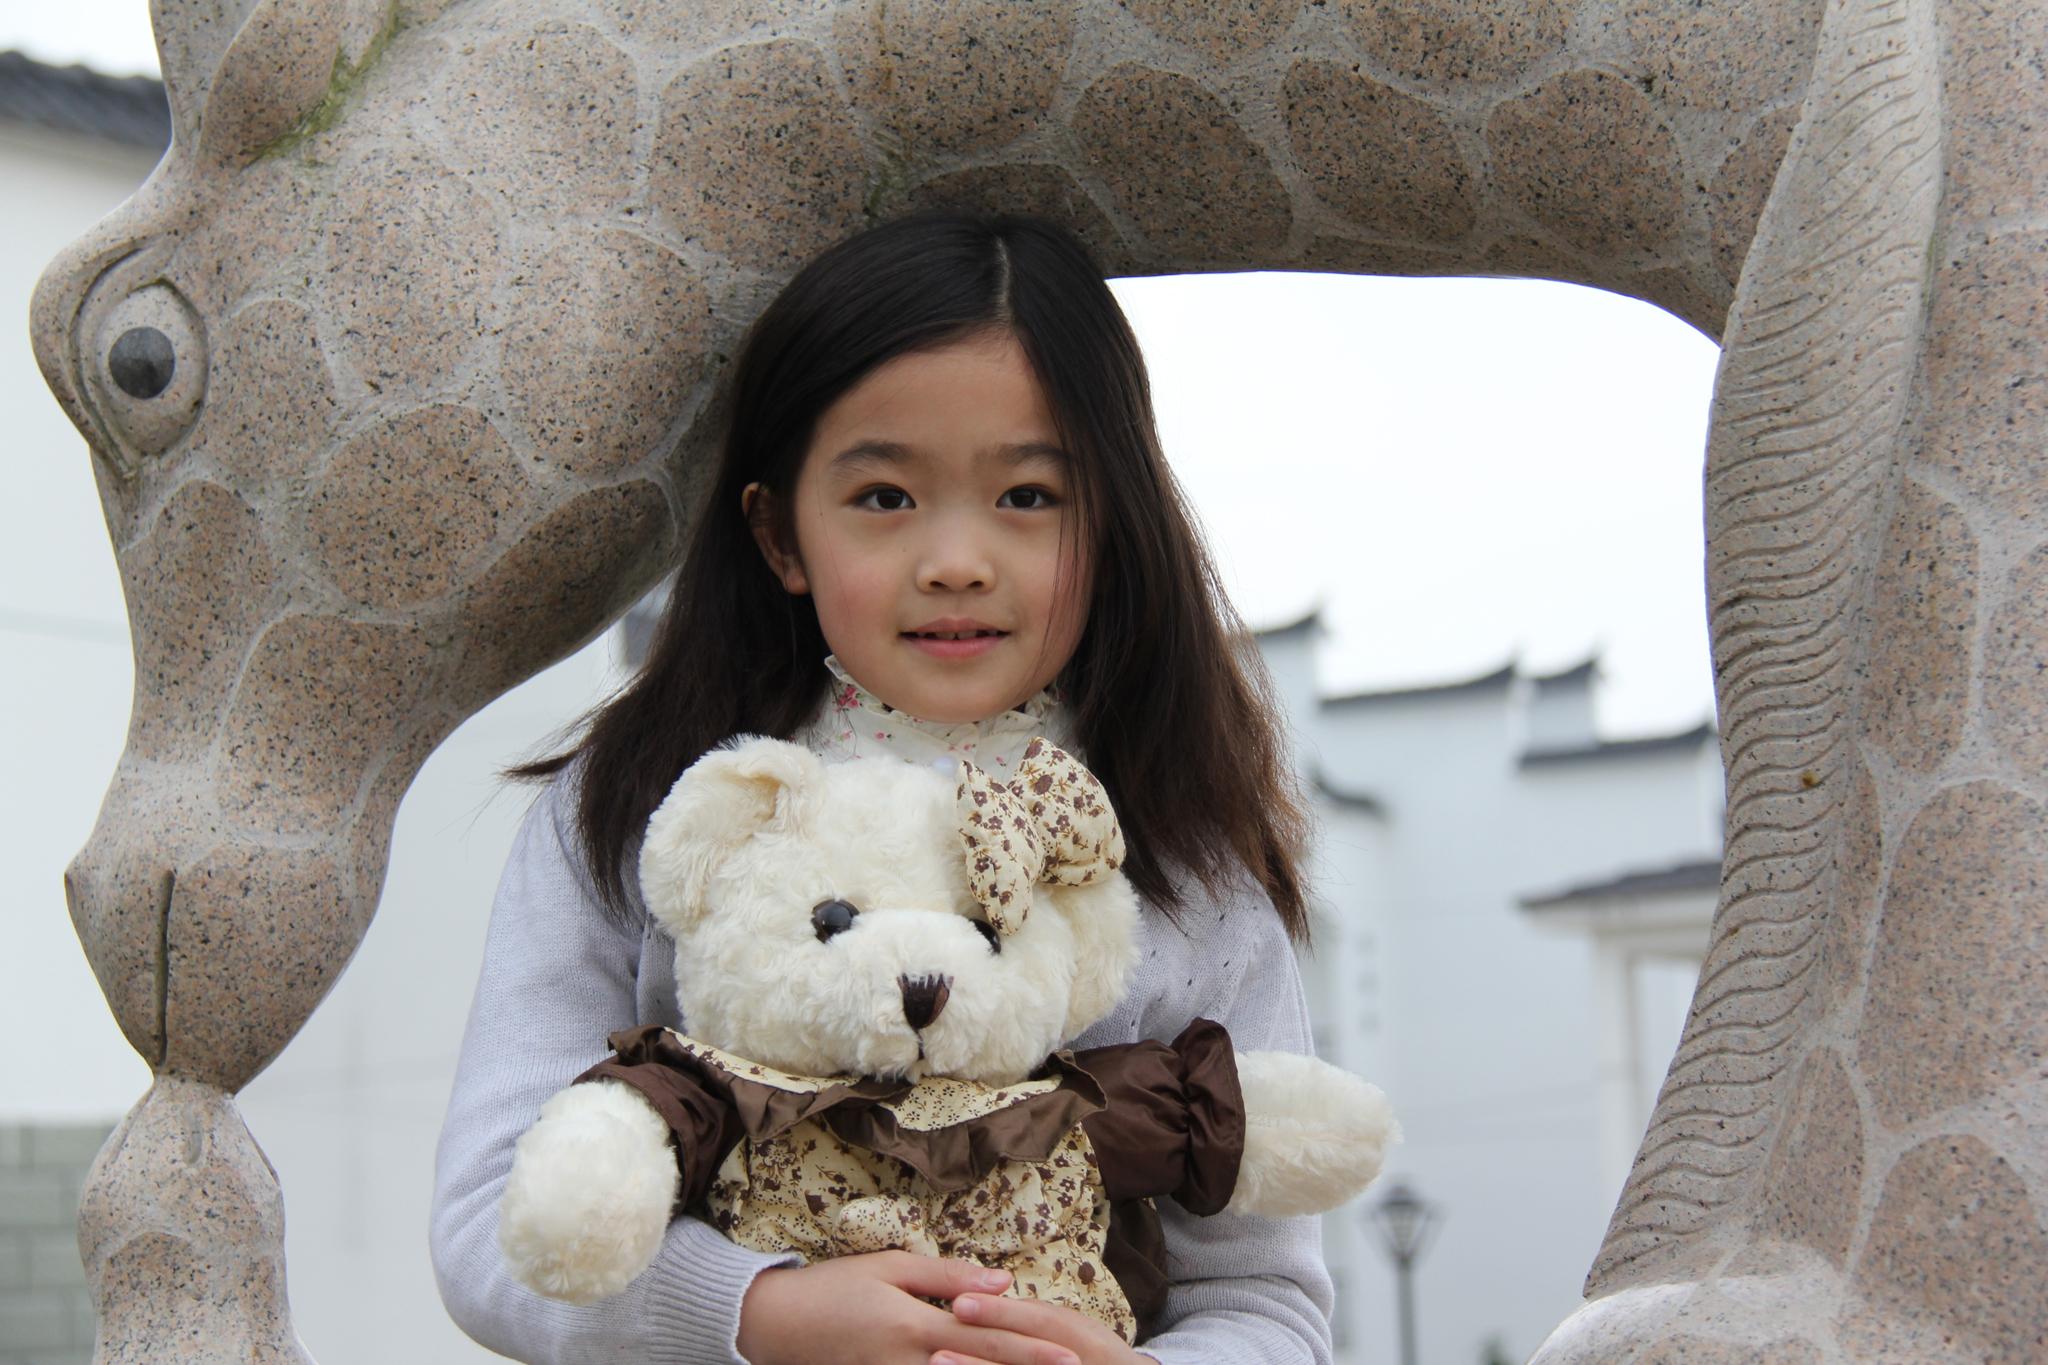 葫芦岛选拨赛,经过大半个月的比赛,从上百名参加的小选手中,杨佳诺脱